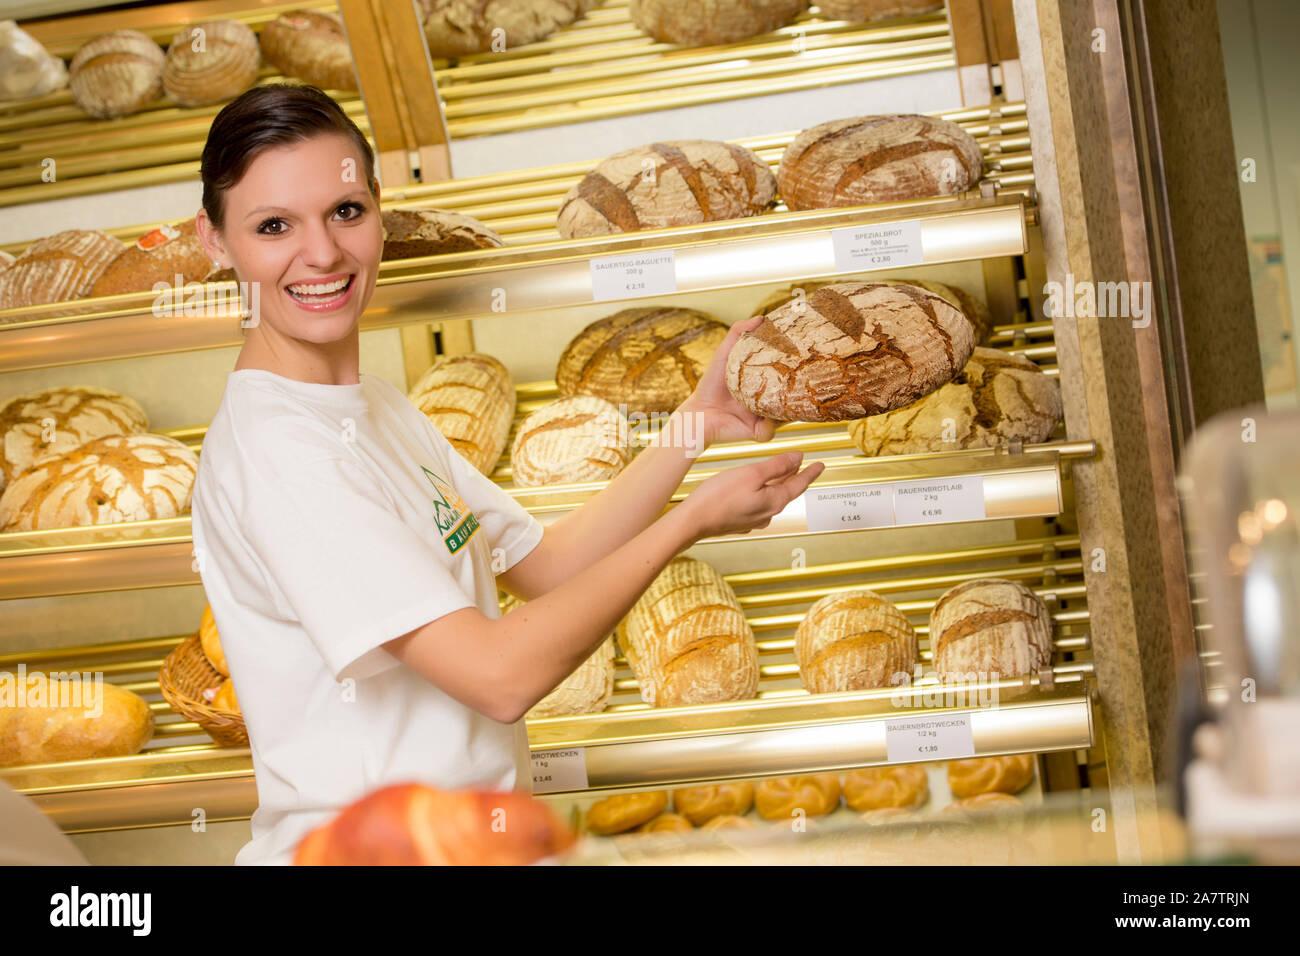 Angestellte in der Bäckerei, Junge Frau verkauft Backwaren, Brotregal, Brot, Stock Photo